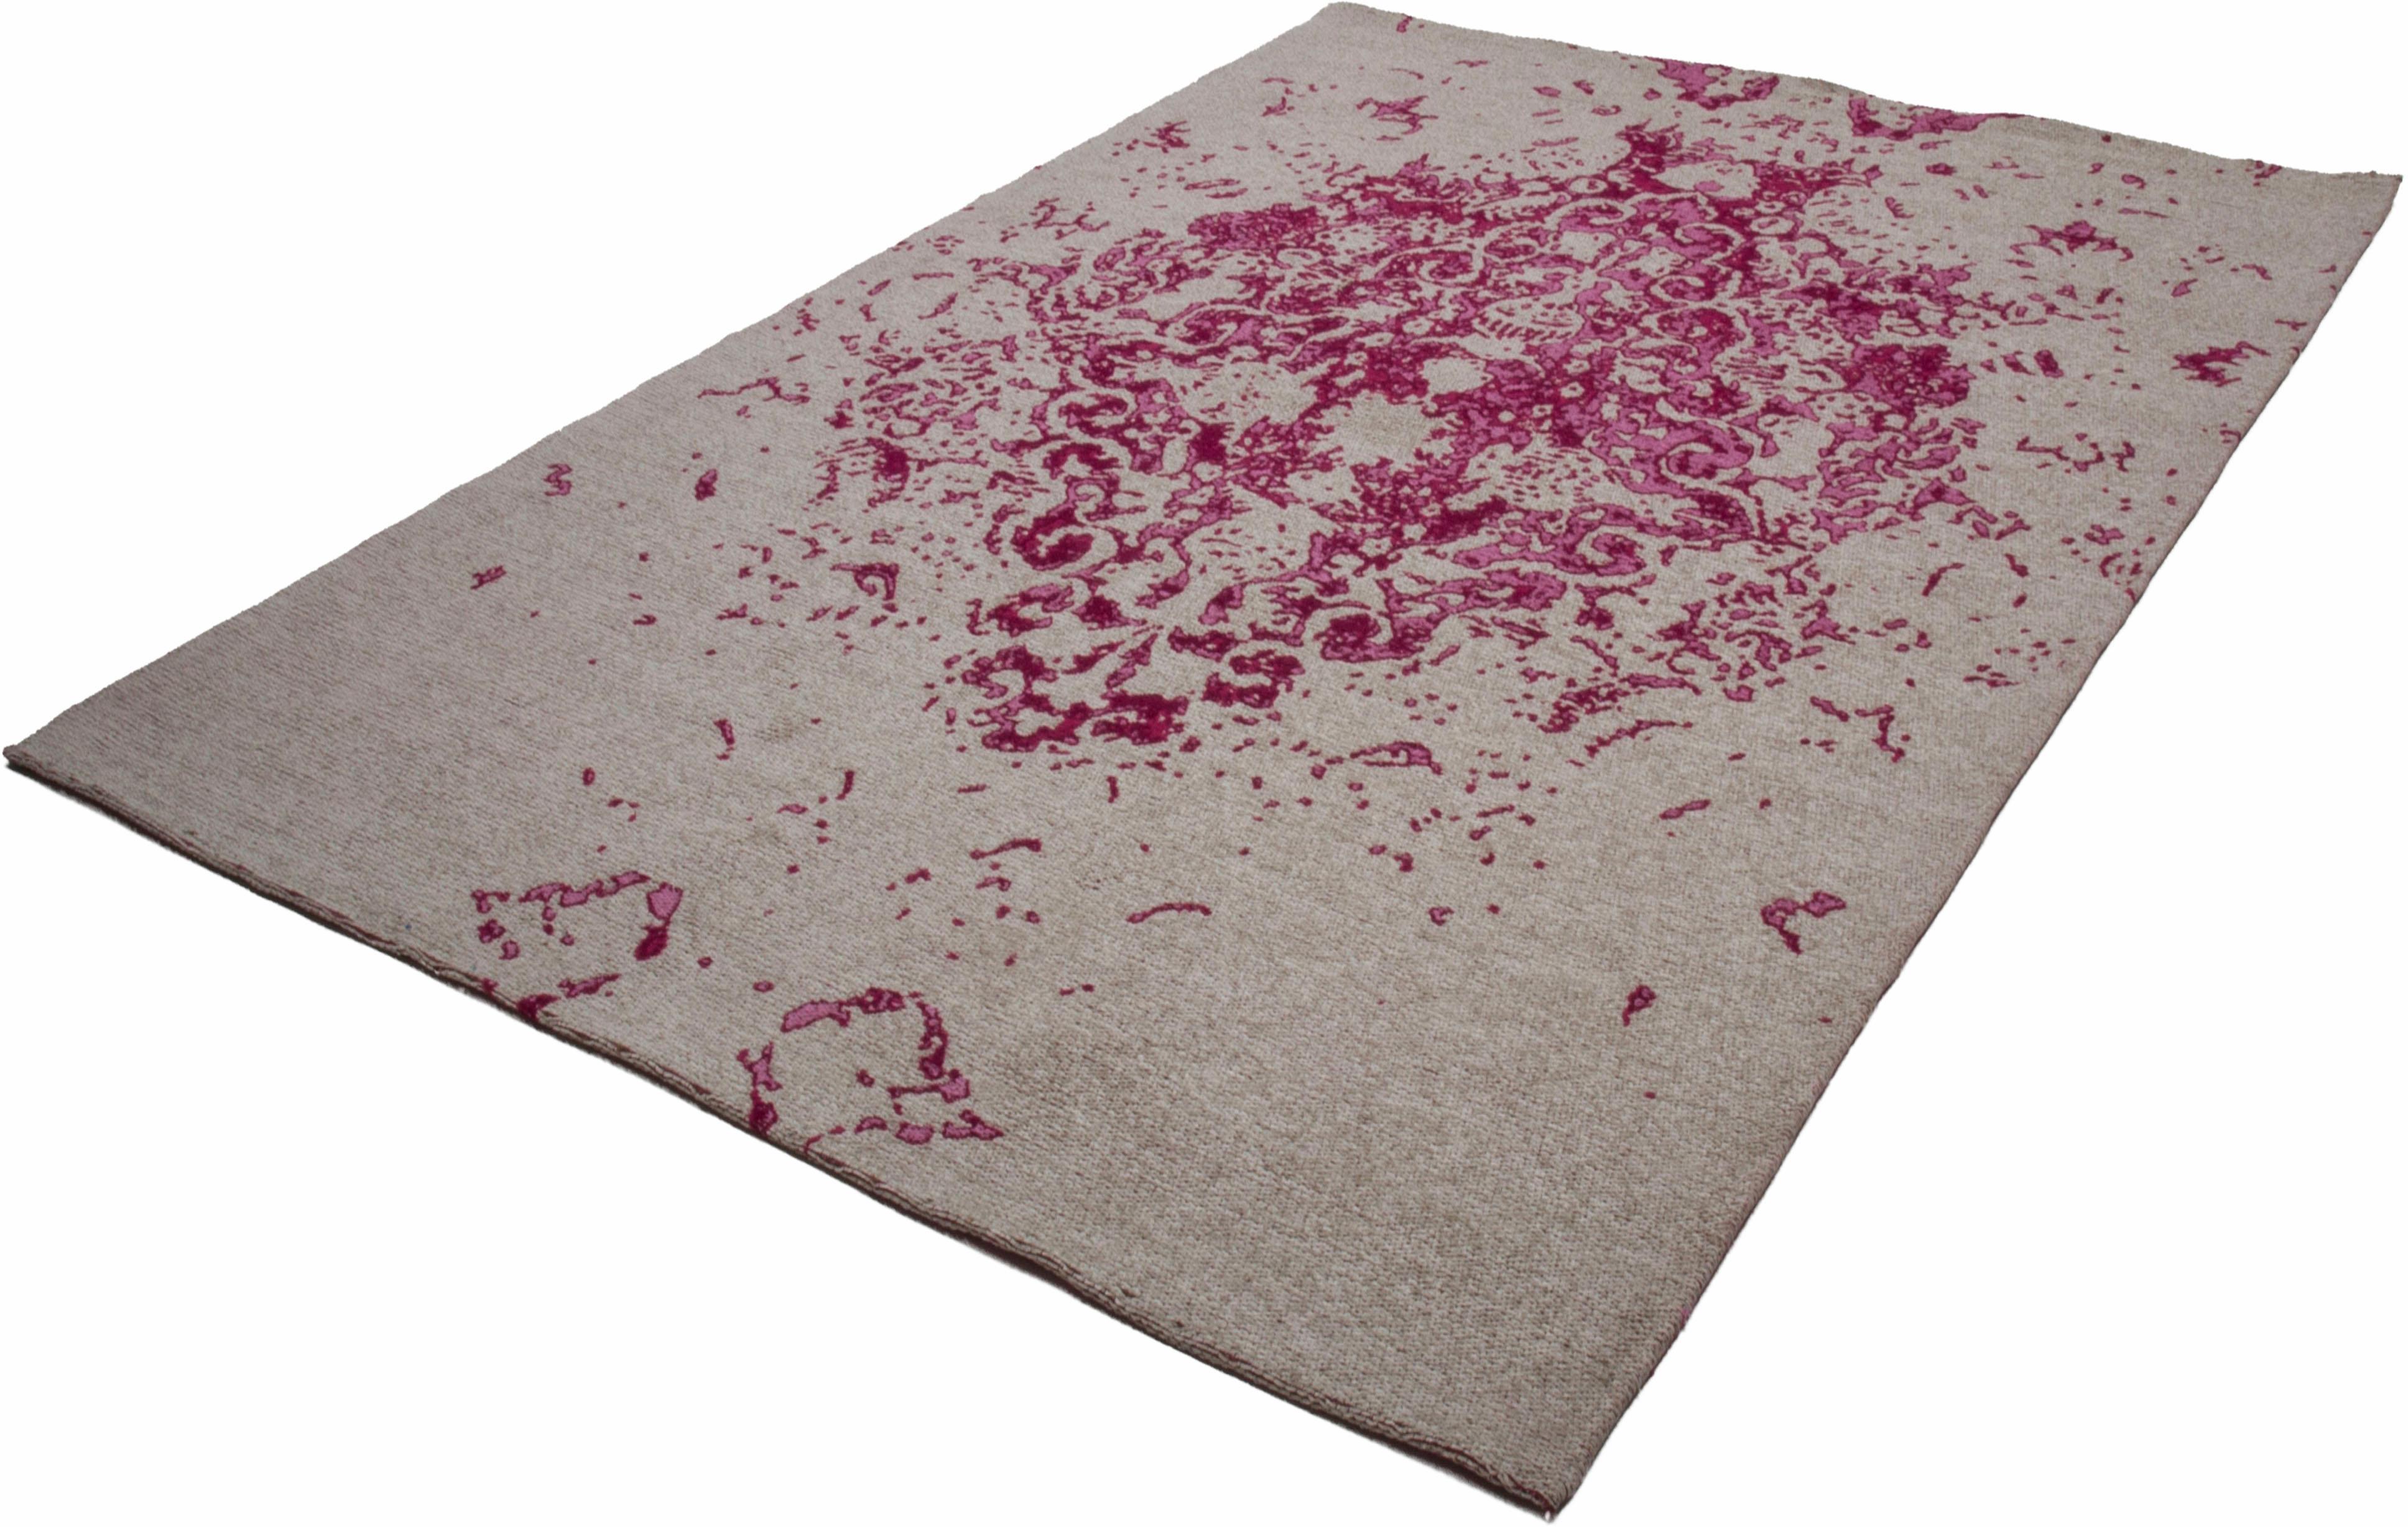 Teppich Ballerina 700 Kayoom rechteckig Höhe 10 mm handgewebt